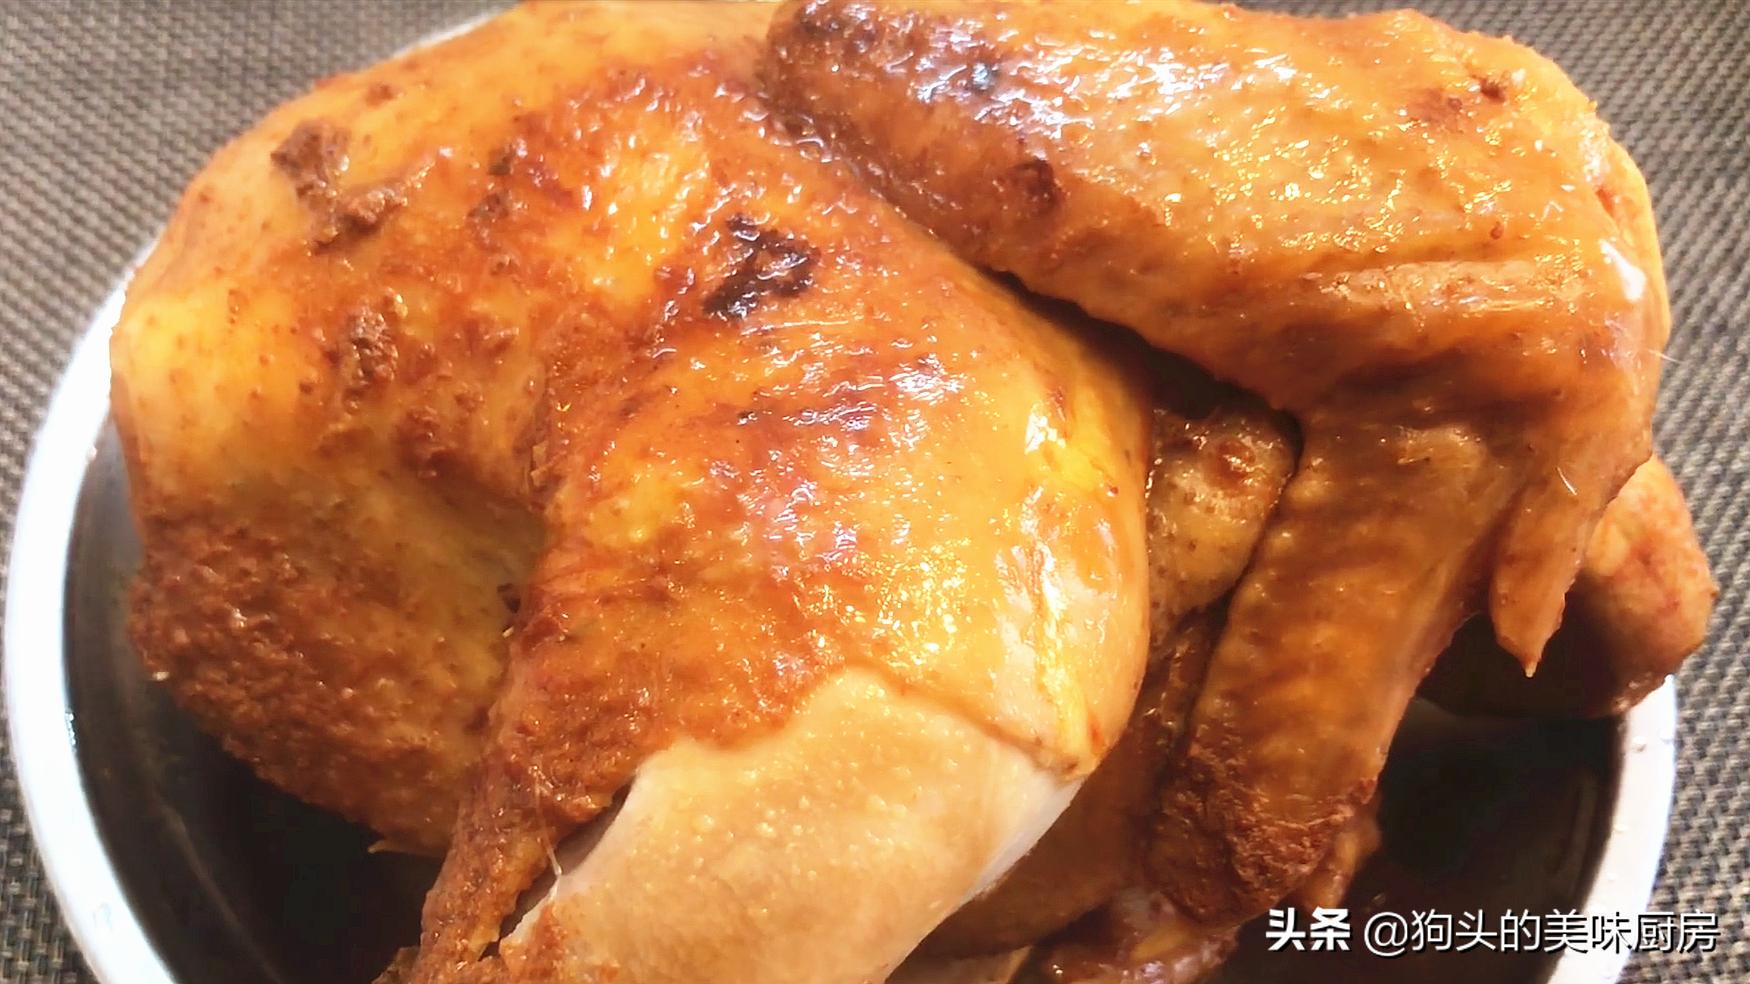 一整只鸡放入电饭煲,不加水不加油,出锅全家流口水,太香了 美食做法 第2张